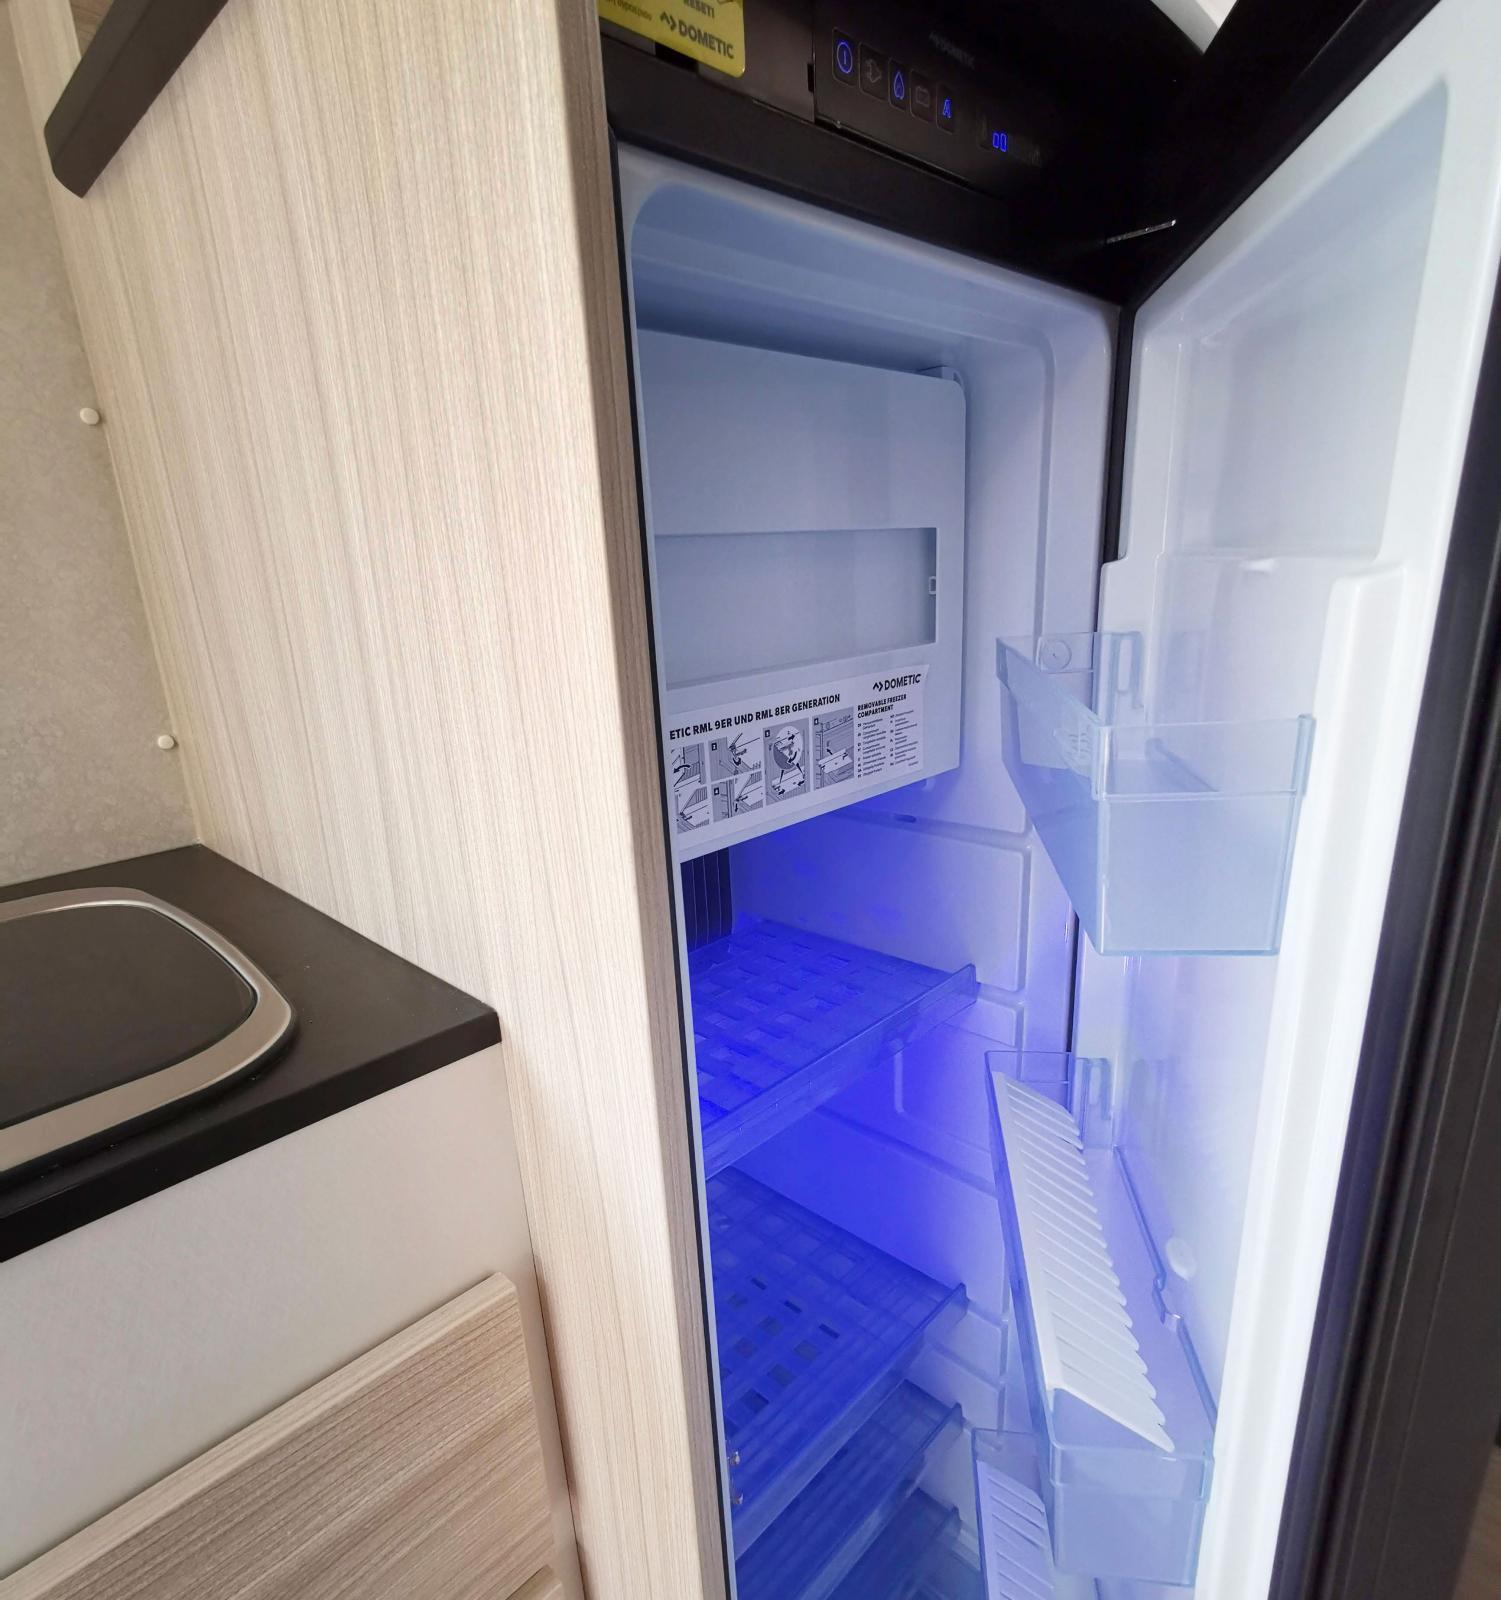 Kylskåpet rymmer 135 liter och har ett ordentligt frysfack.